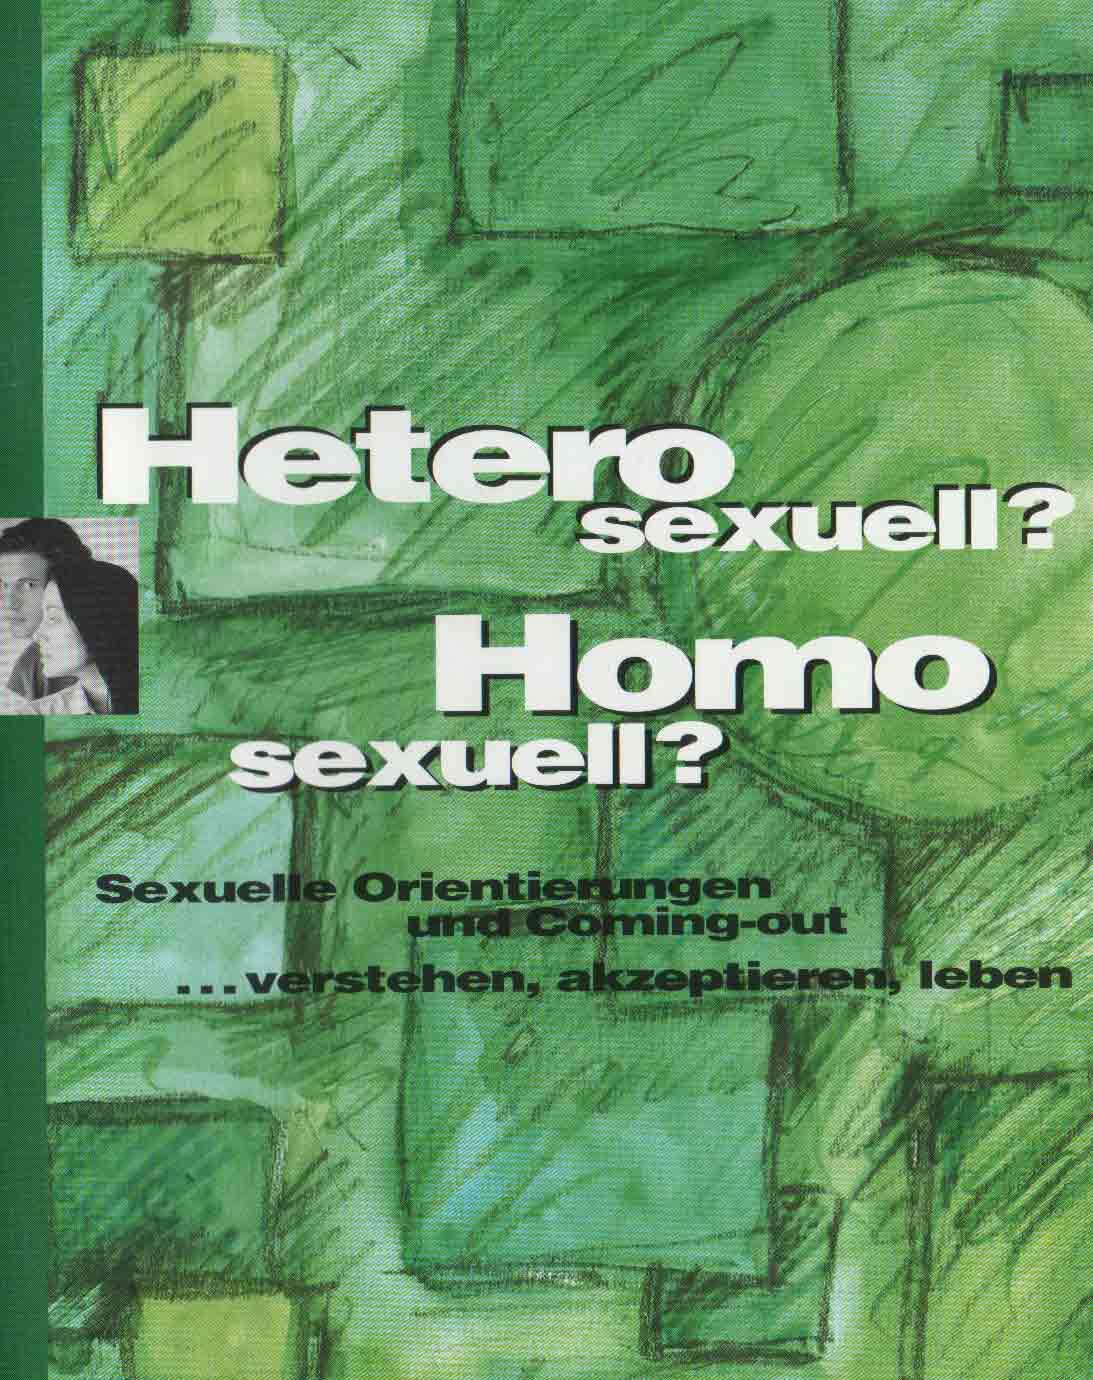 BZGA - Hetero sexuell? Homo sexuell?